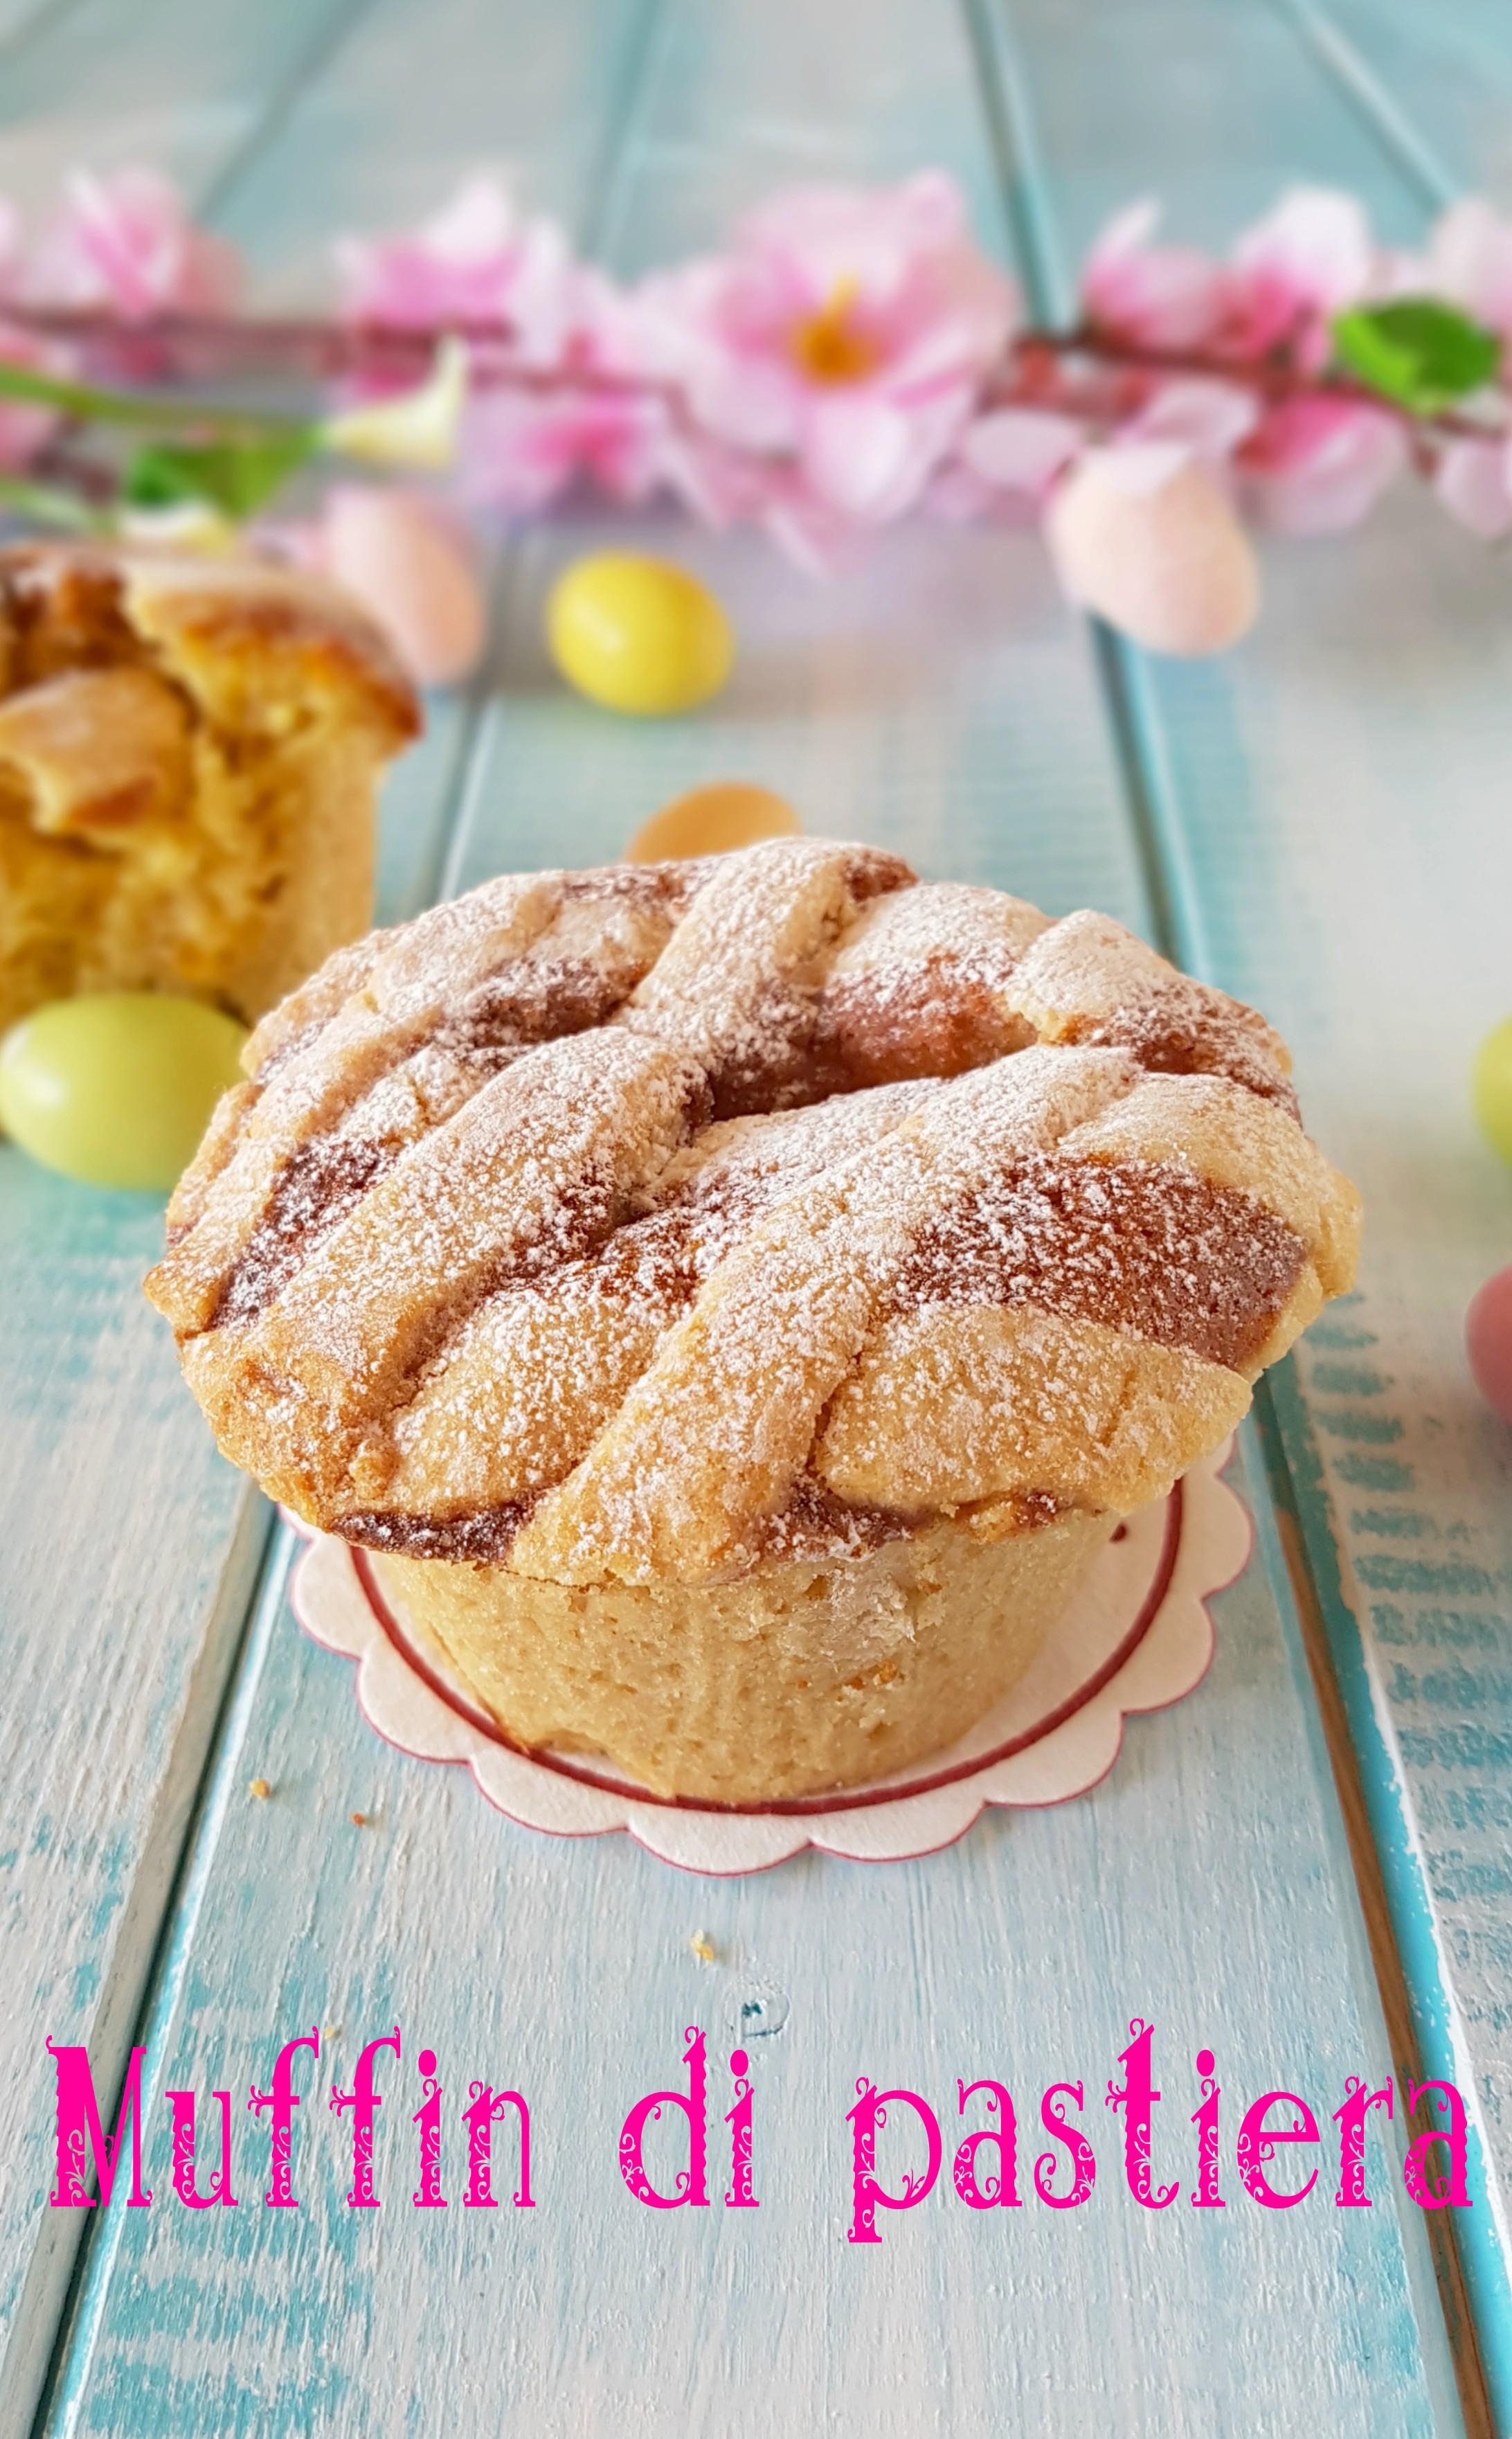 muffin di pastiera